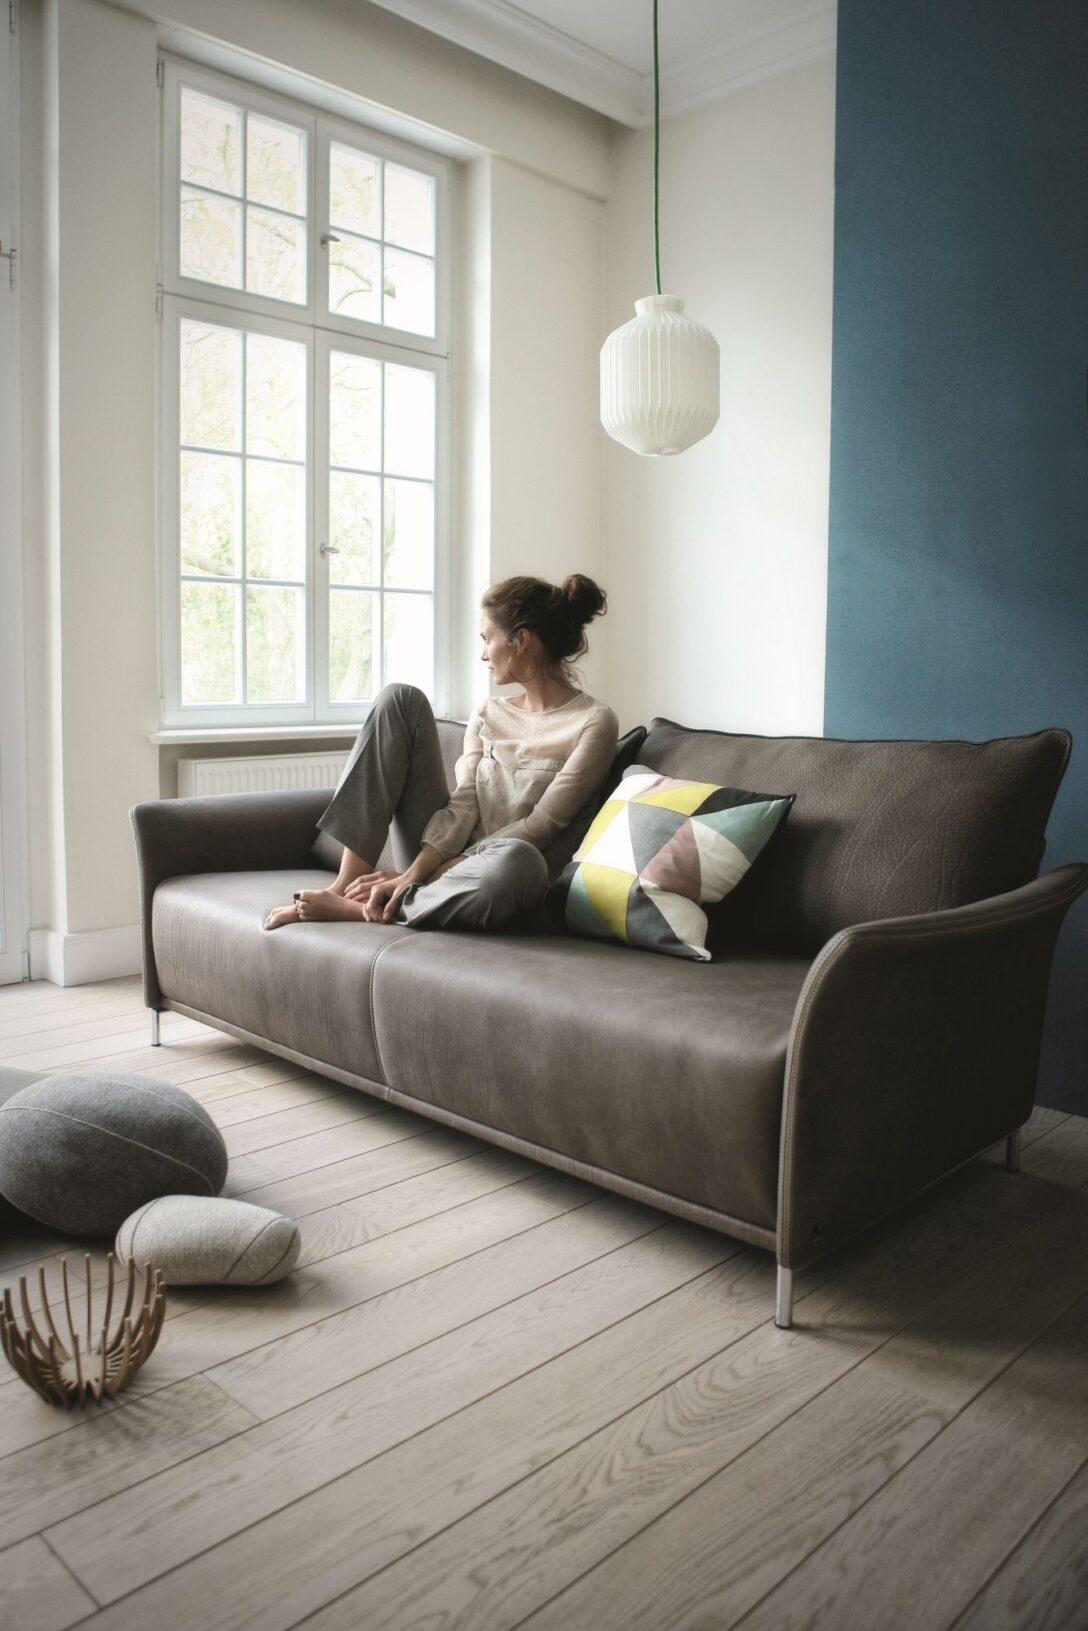 Large Size of Wk Sofa Wohnen Individuell Heimkino Luxus 3er Grau Xxl U Form Erpo Terassen Mit Elektrischer Sitztiefenverstellung Günstig 3 Sitzer L Schlaffunktion Hussen Sofa Wk Sofa